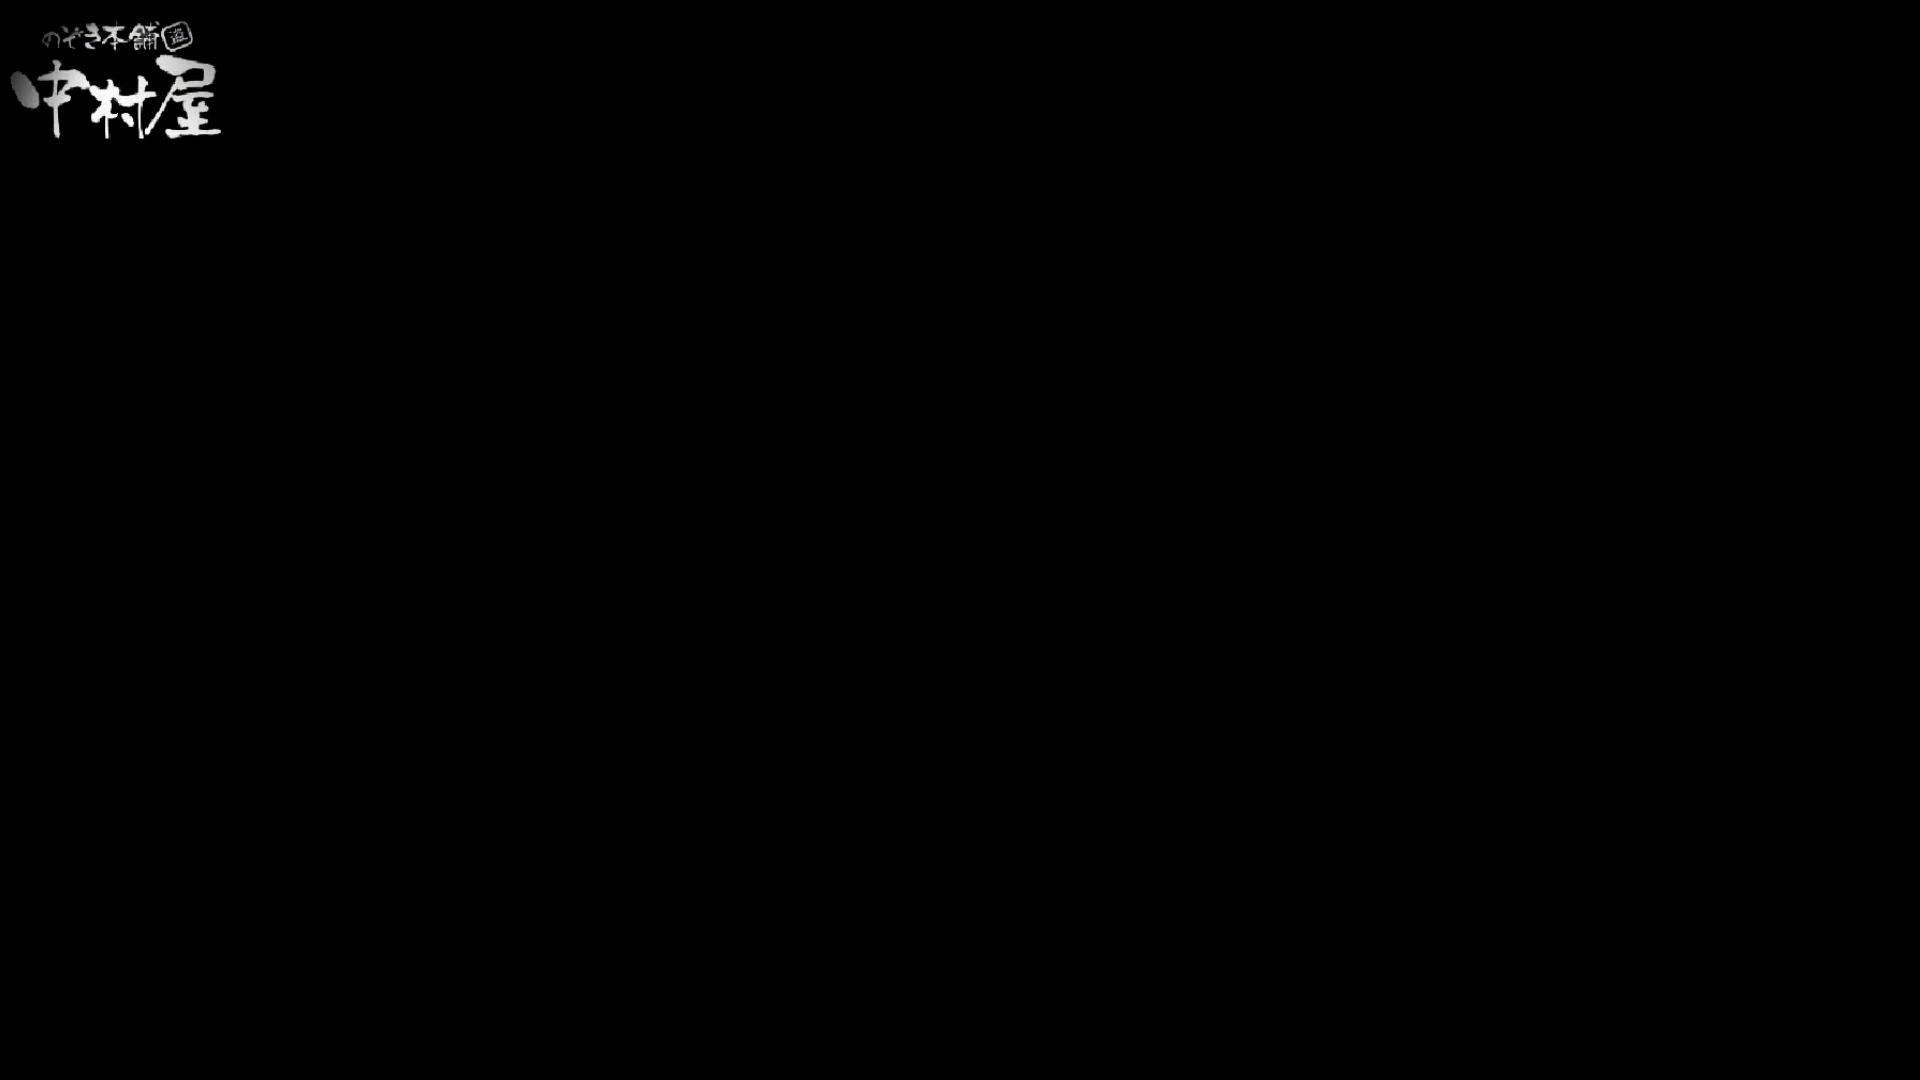 雅さんが厳選新年特別コンテンツ!激走!東京マラソン選手専用女子トイレvol.9 OLエロ画像 隠し撮りAV無料 57PICs 8